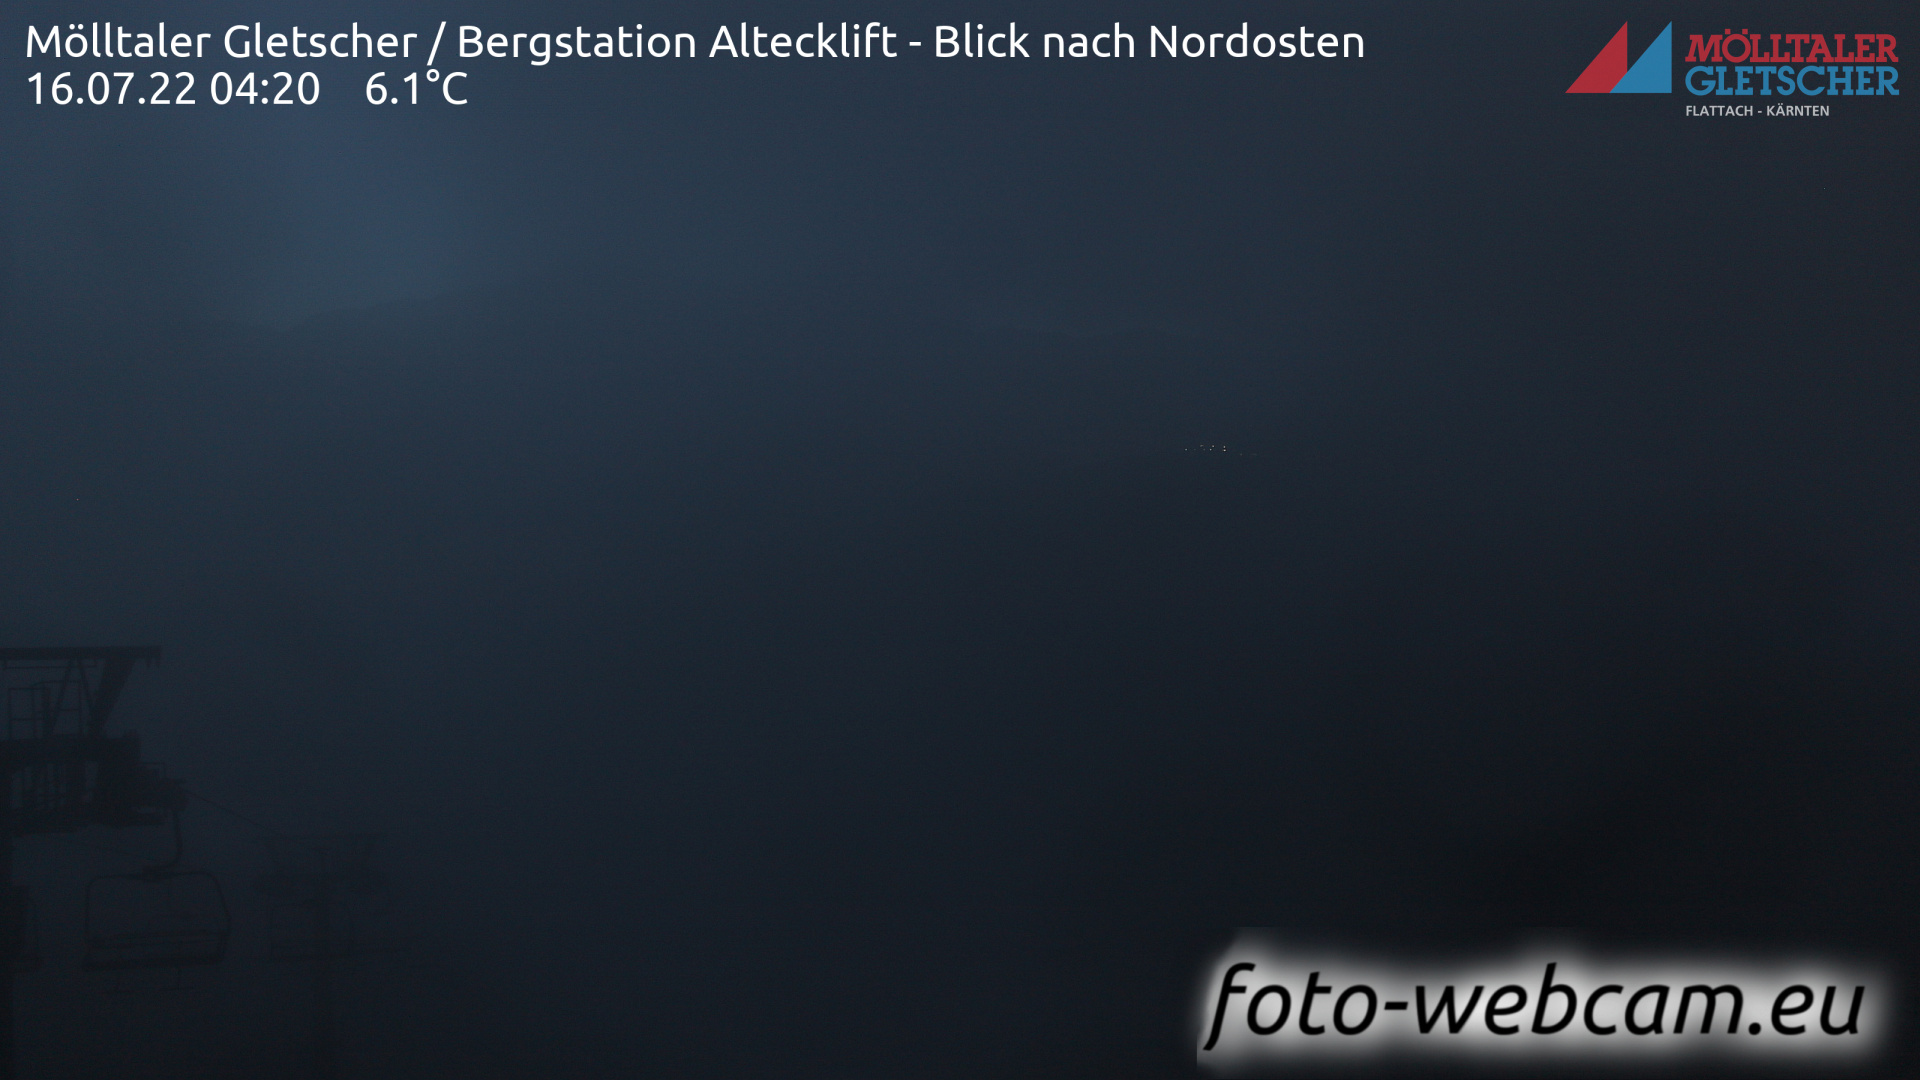 Mölltaler Gletscher Fr. 04:32